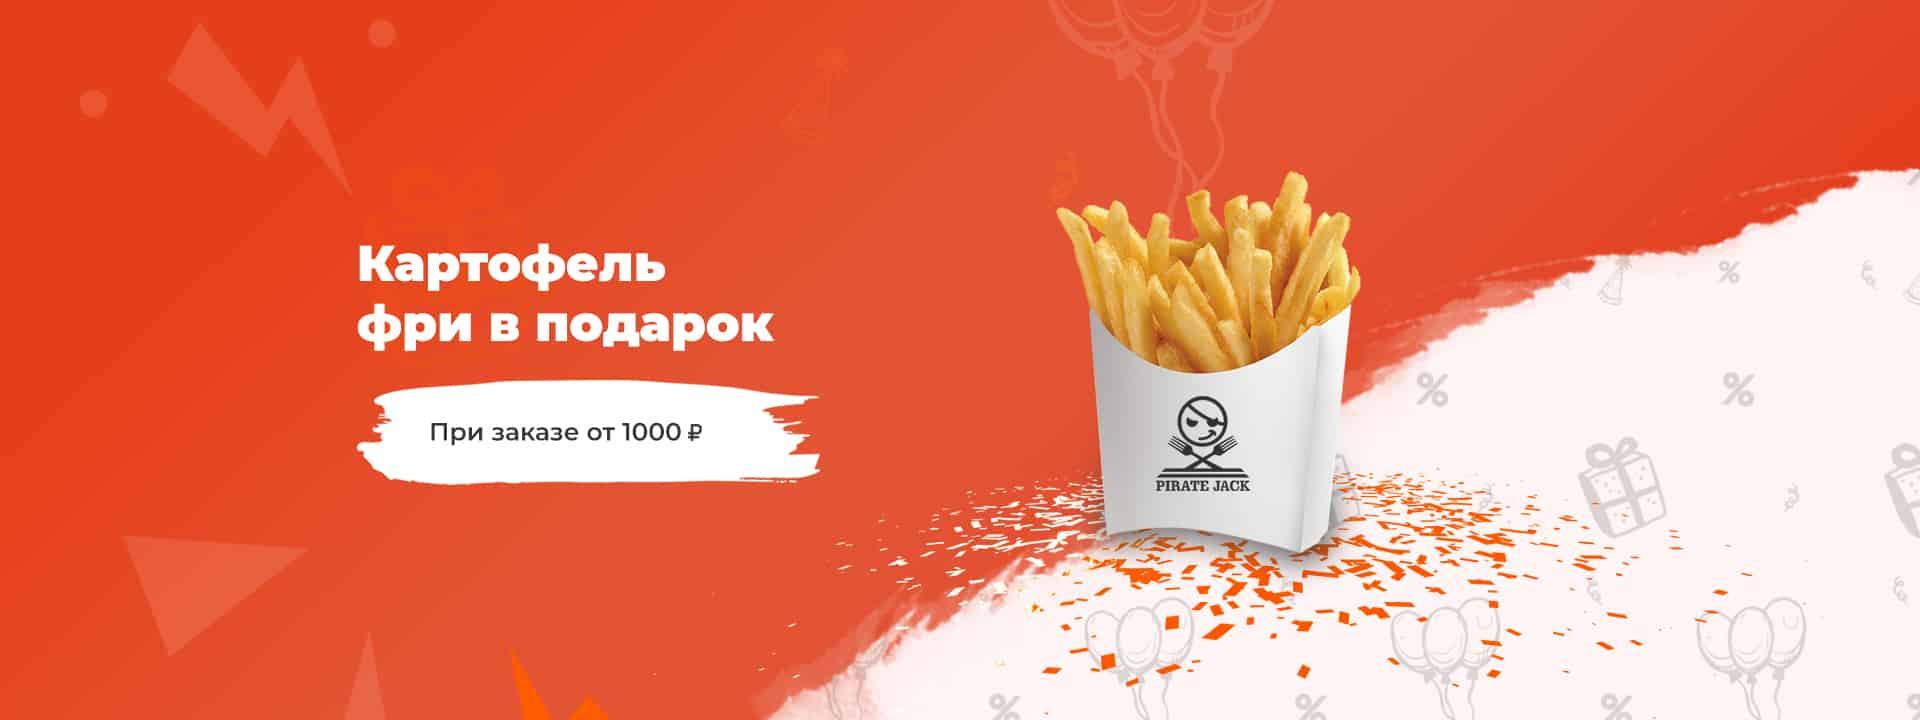 Картофель фри в подарок при заказе от 1000 рублей